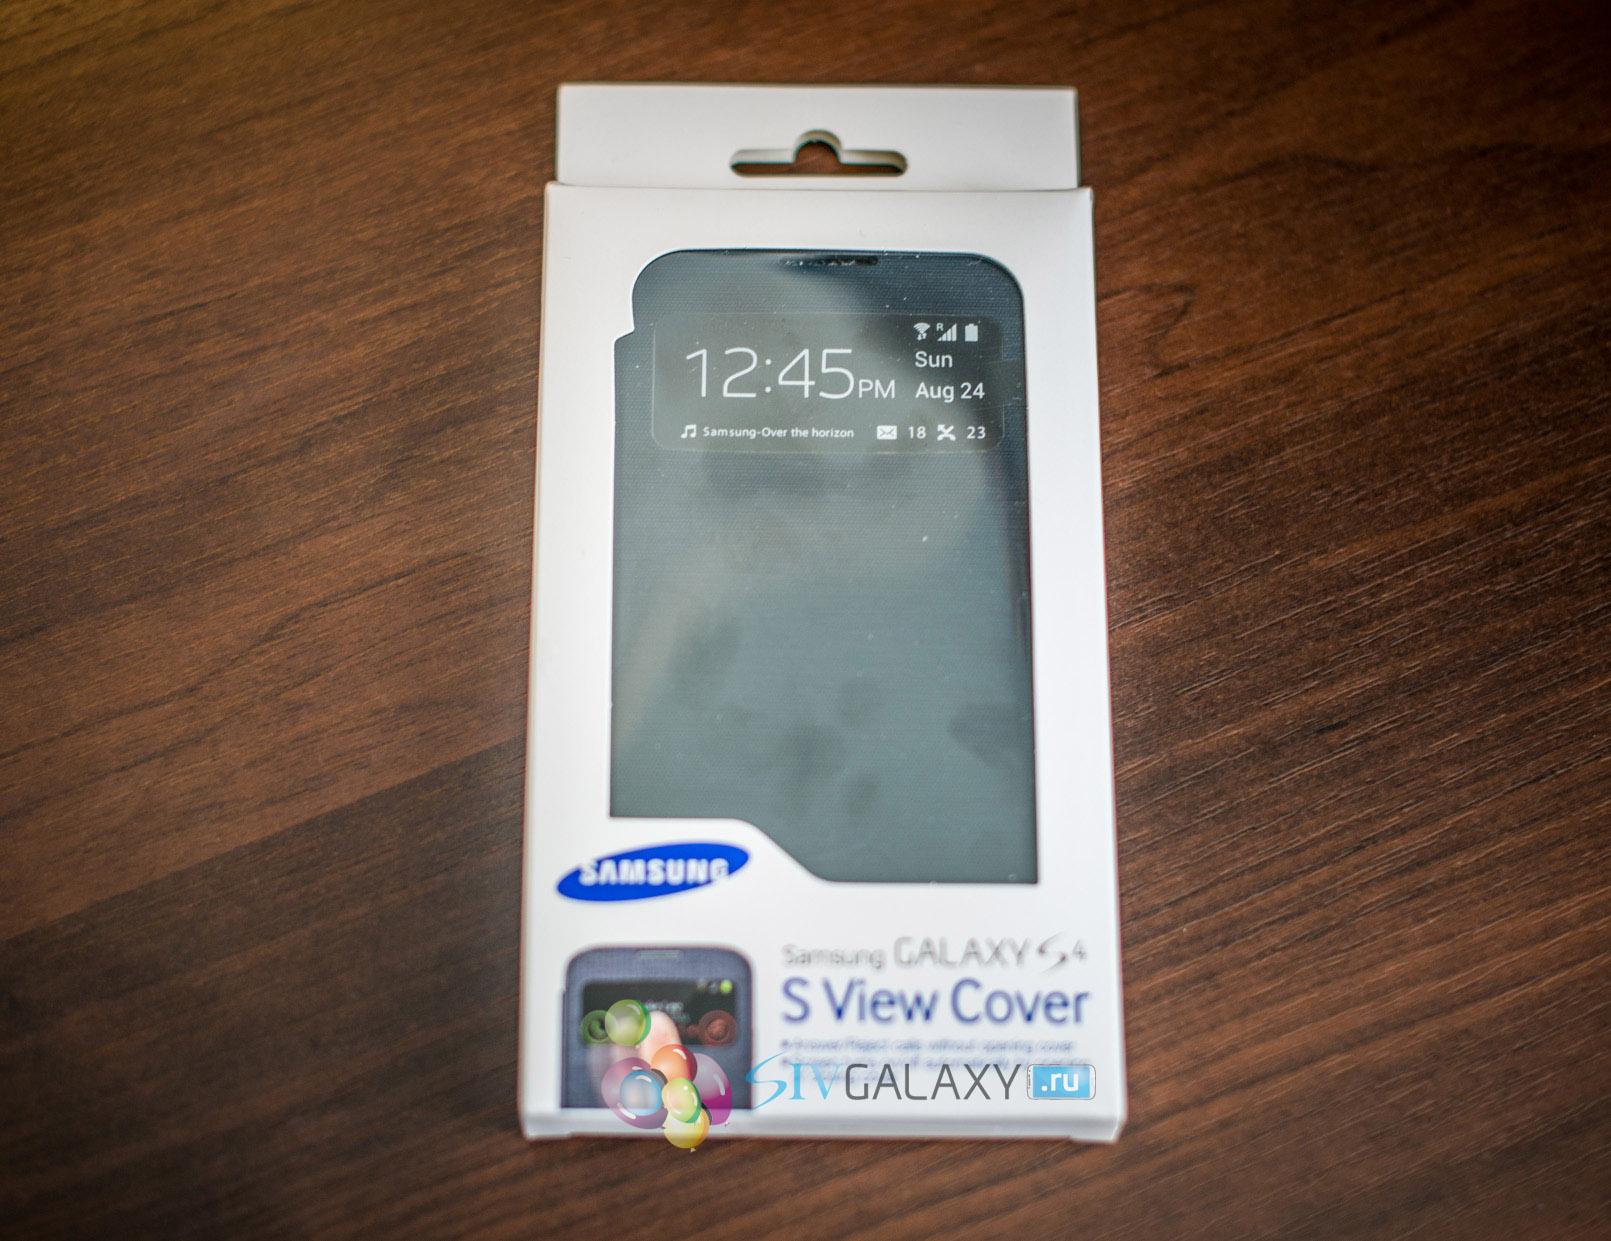 Новый чехол S View Cover в упаковке